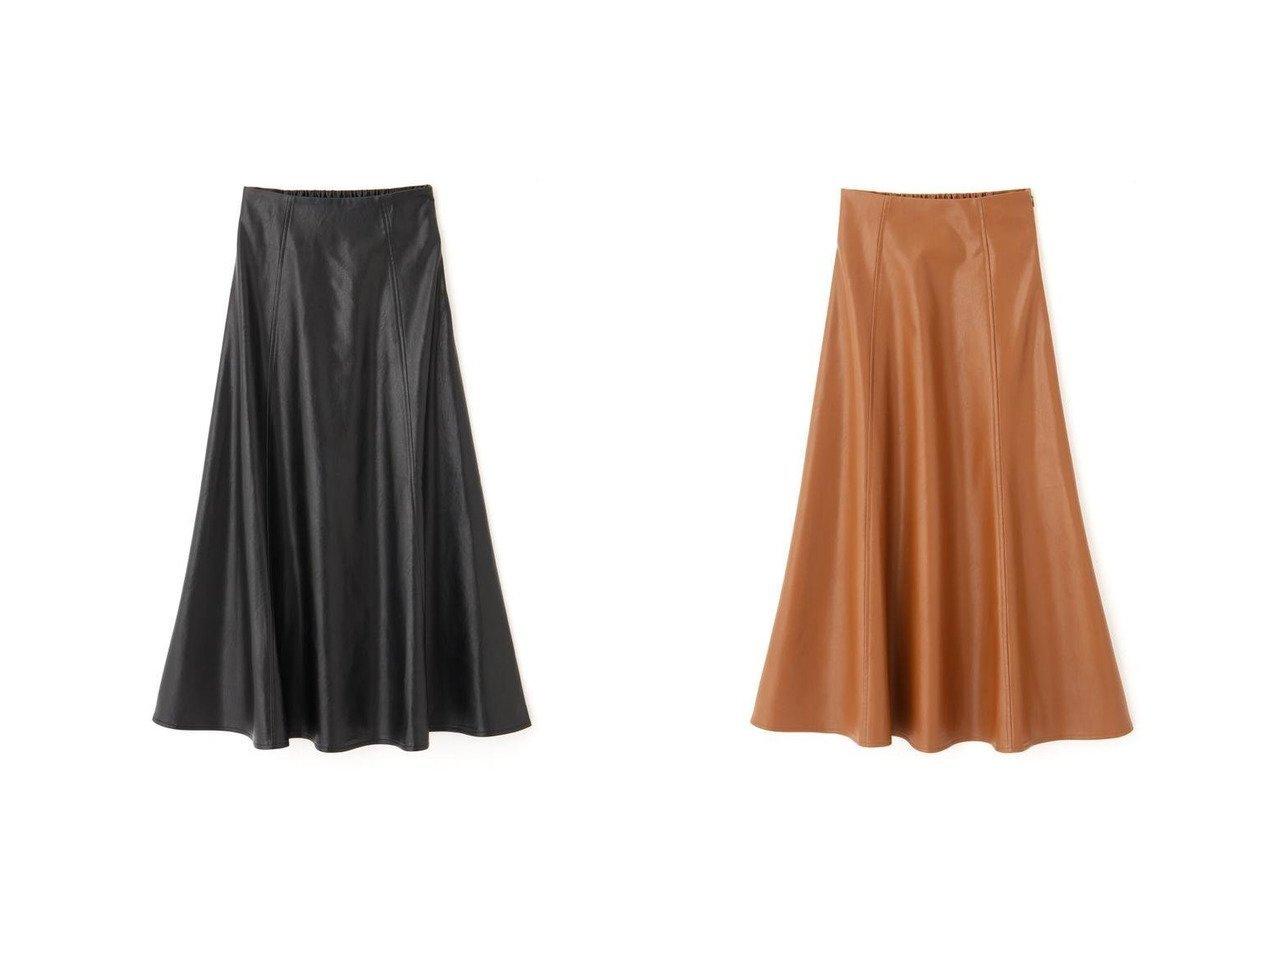 【FREE'S MART/フリーズマート】のフェイクレザーフレアスカート おすすめ!人気、トレンド・レディースファッションの通販 おすすめで人気の流行・トレンド、ファッションの通販商品 メンズファッション・キッズファッション・インテリア・家具・レディースファッション・服の通販 founy(ファニー) https://founy.com/ ファッション Fashion レディースファッション WOMEN スカート Skirt Aライン/フレアスカート Flared A-Line Skirts スタンダード トレンド フェイクレザー フレア フロント マーメイド 楽ちん  ID:crp329100000008888